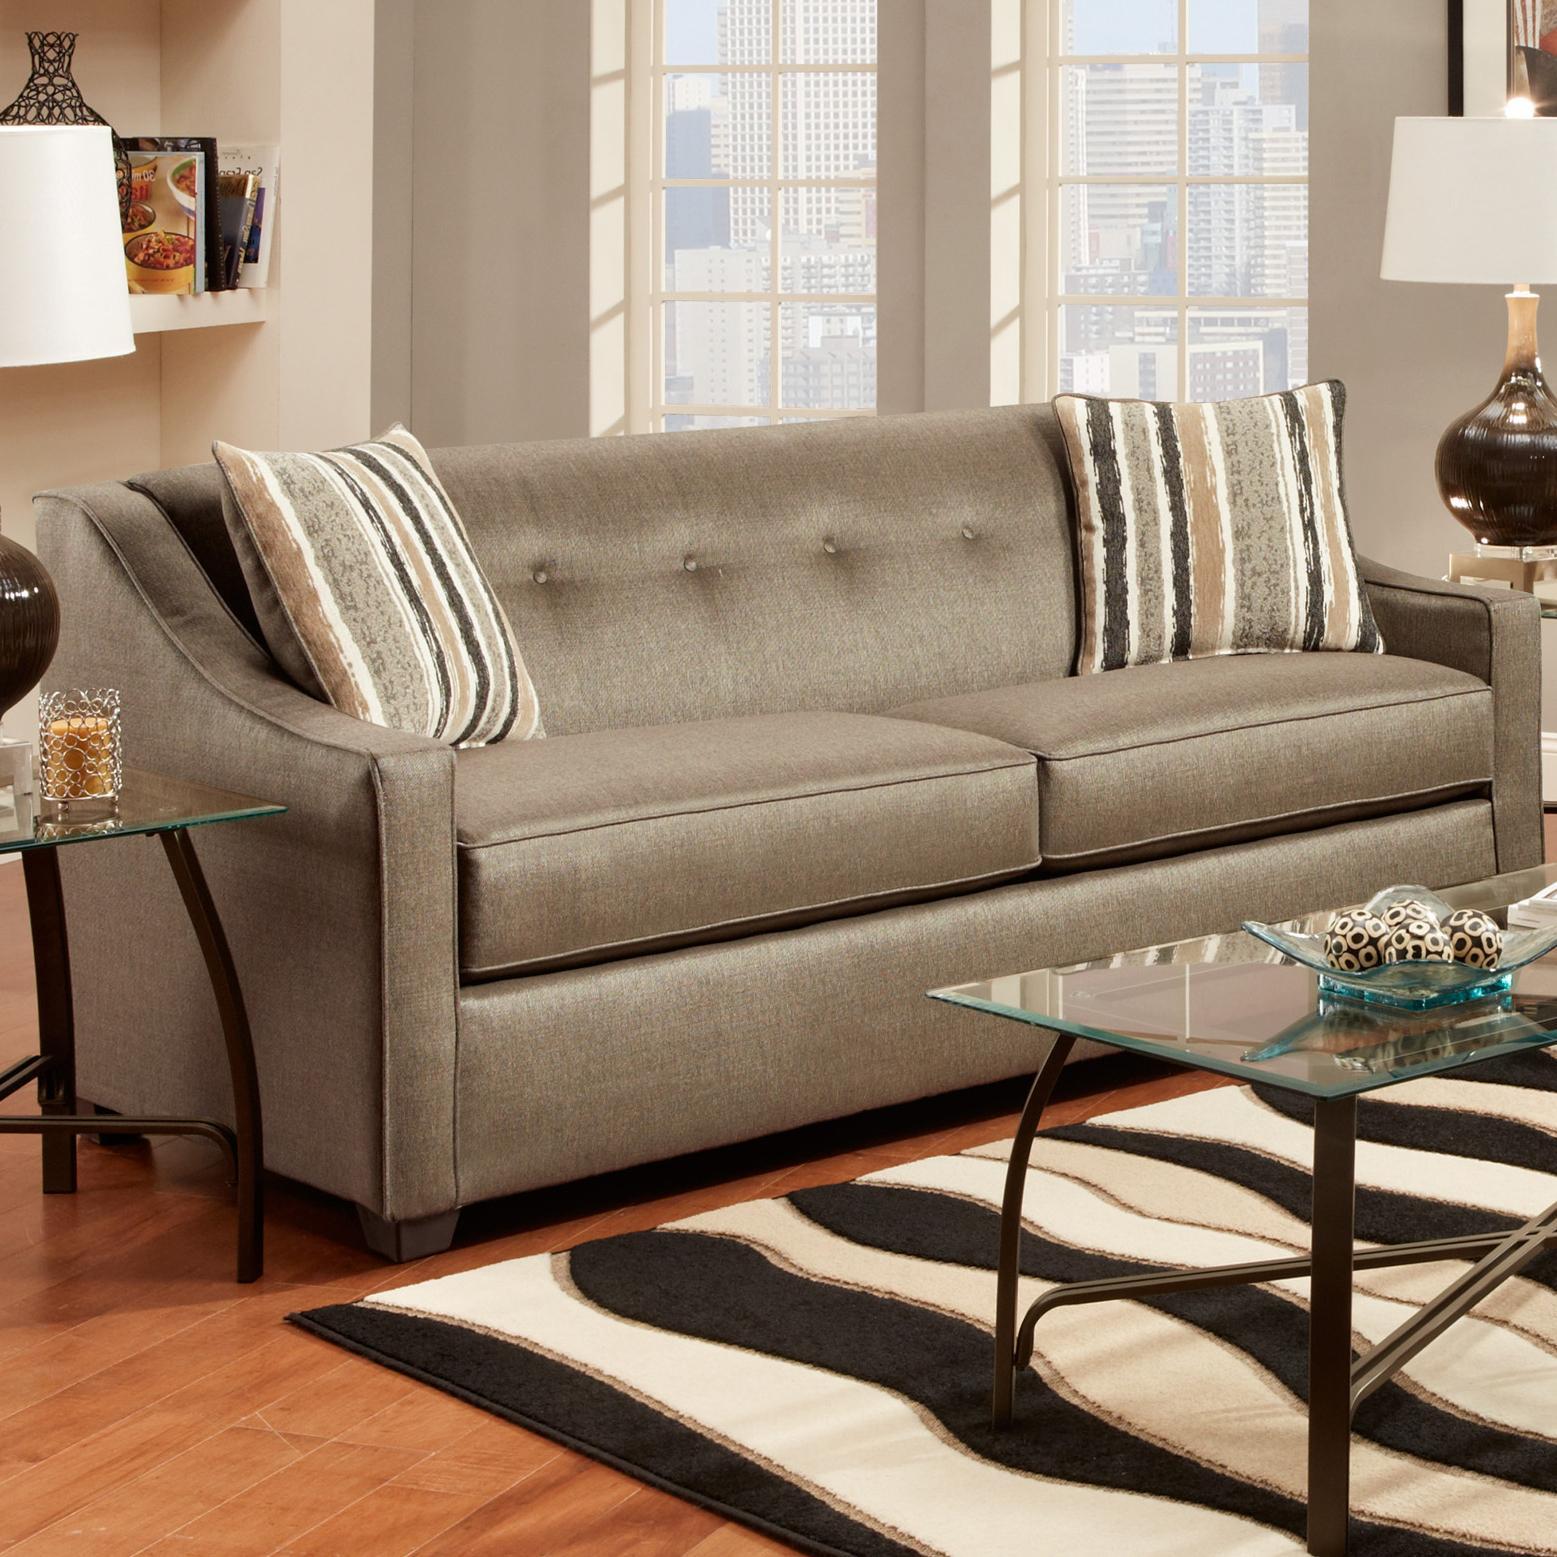 Washington Furniture 5440 Sofa - Item Number: 5443-580